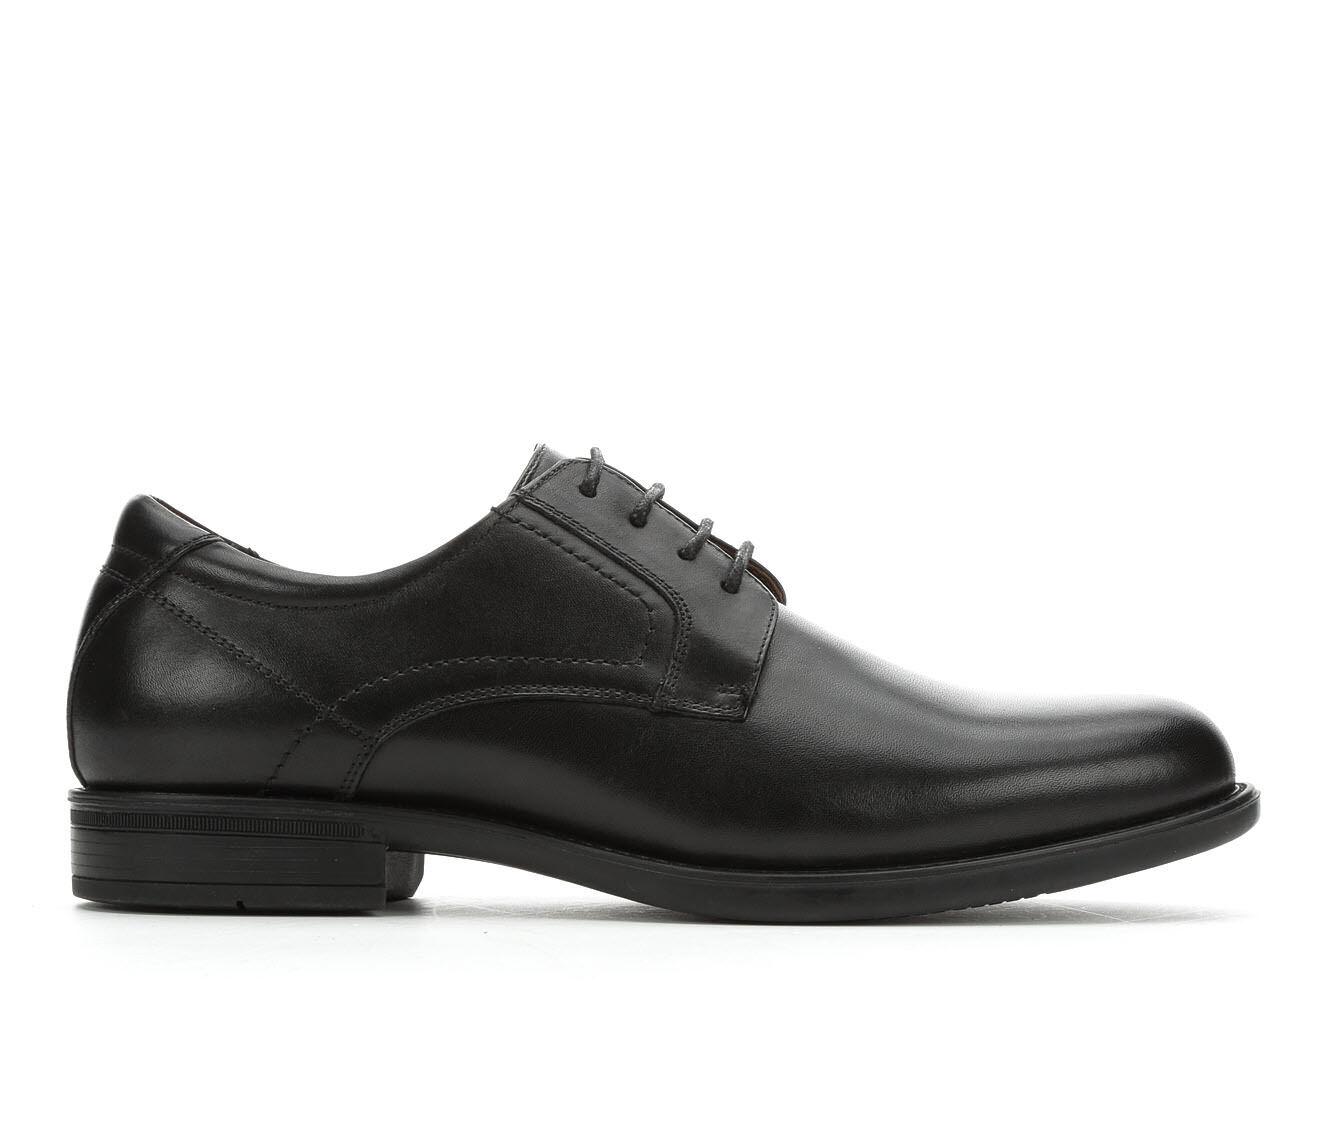 Men's Florsheim Midtown Plain Toe Ox Dress Shoes Black